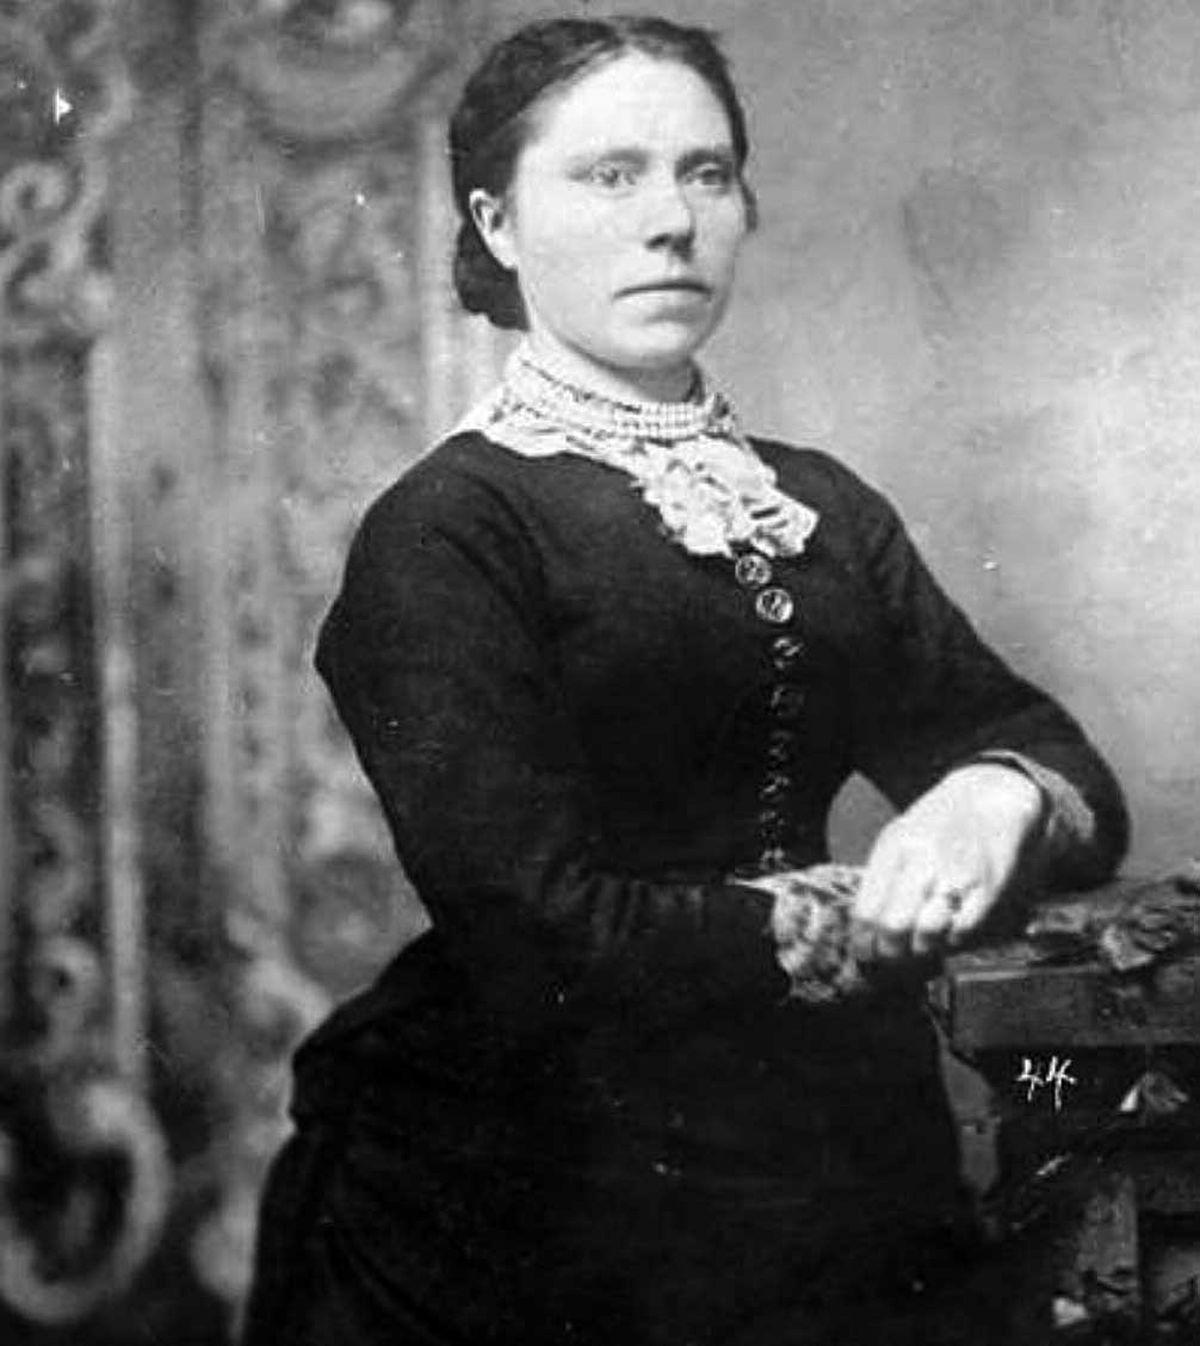 عکس عجیبترین زن قاتل تاریخ